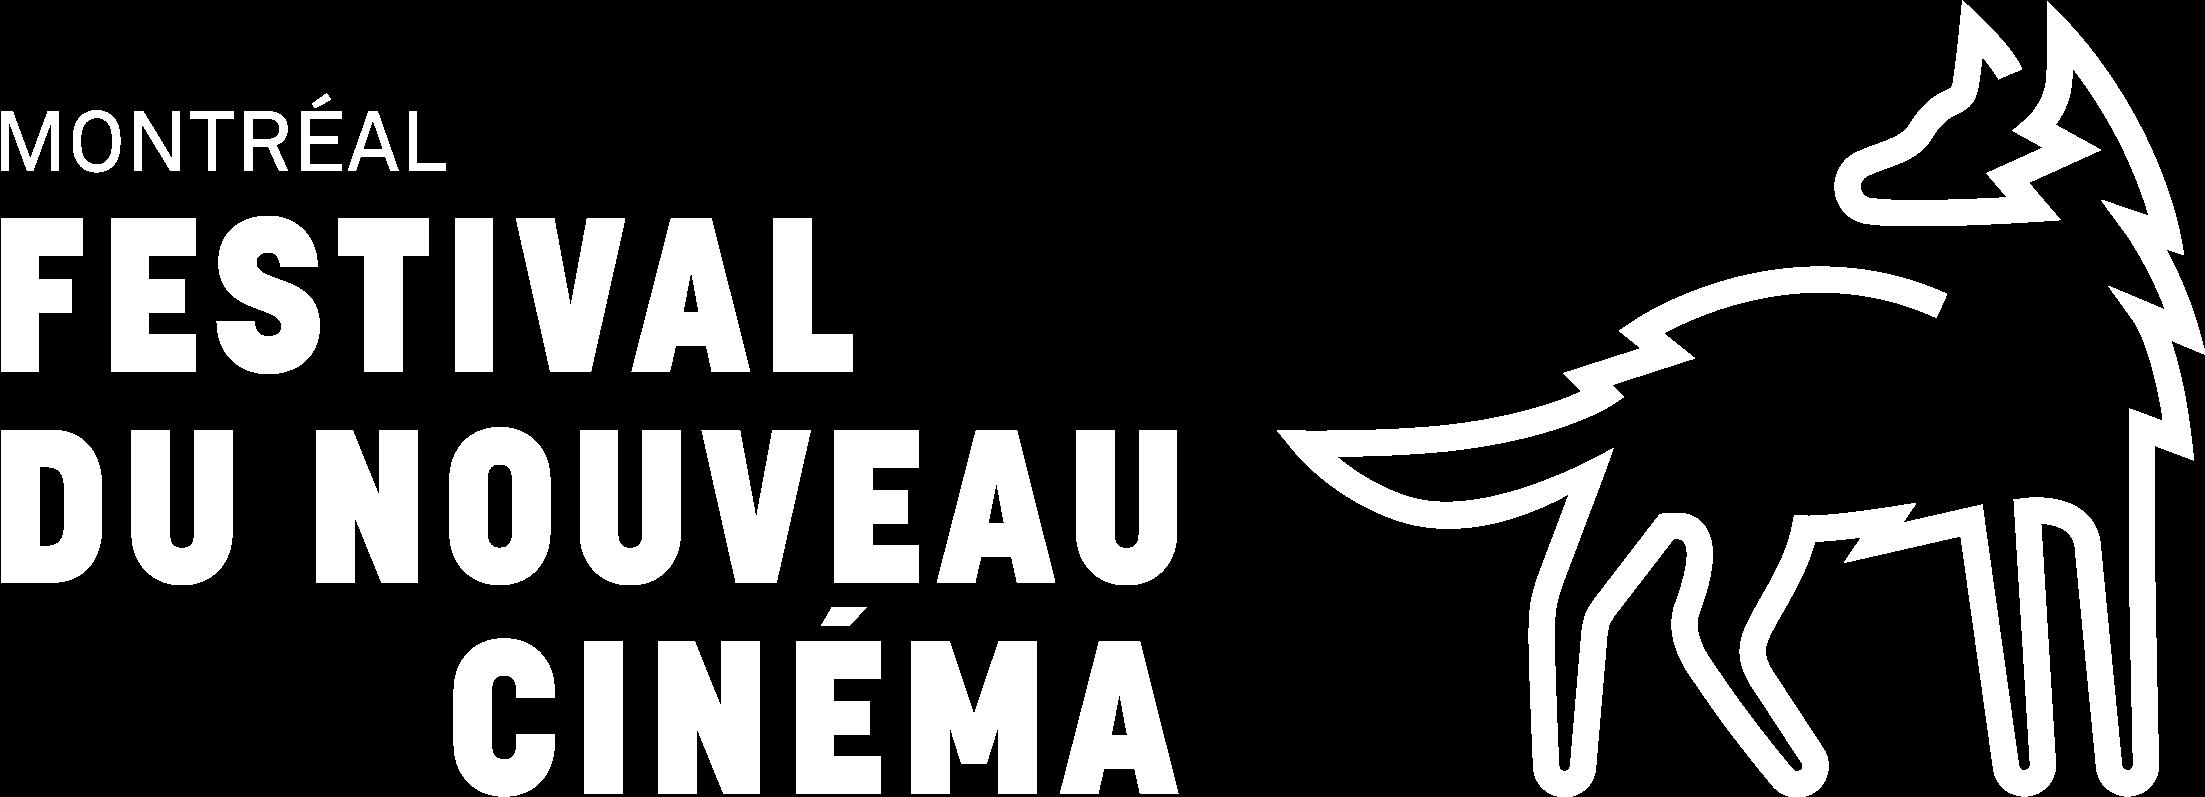 Festival du Nouveau Cinema Montreal - First Cut Lab 2021